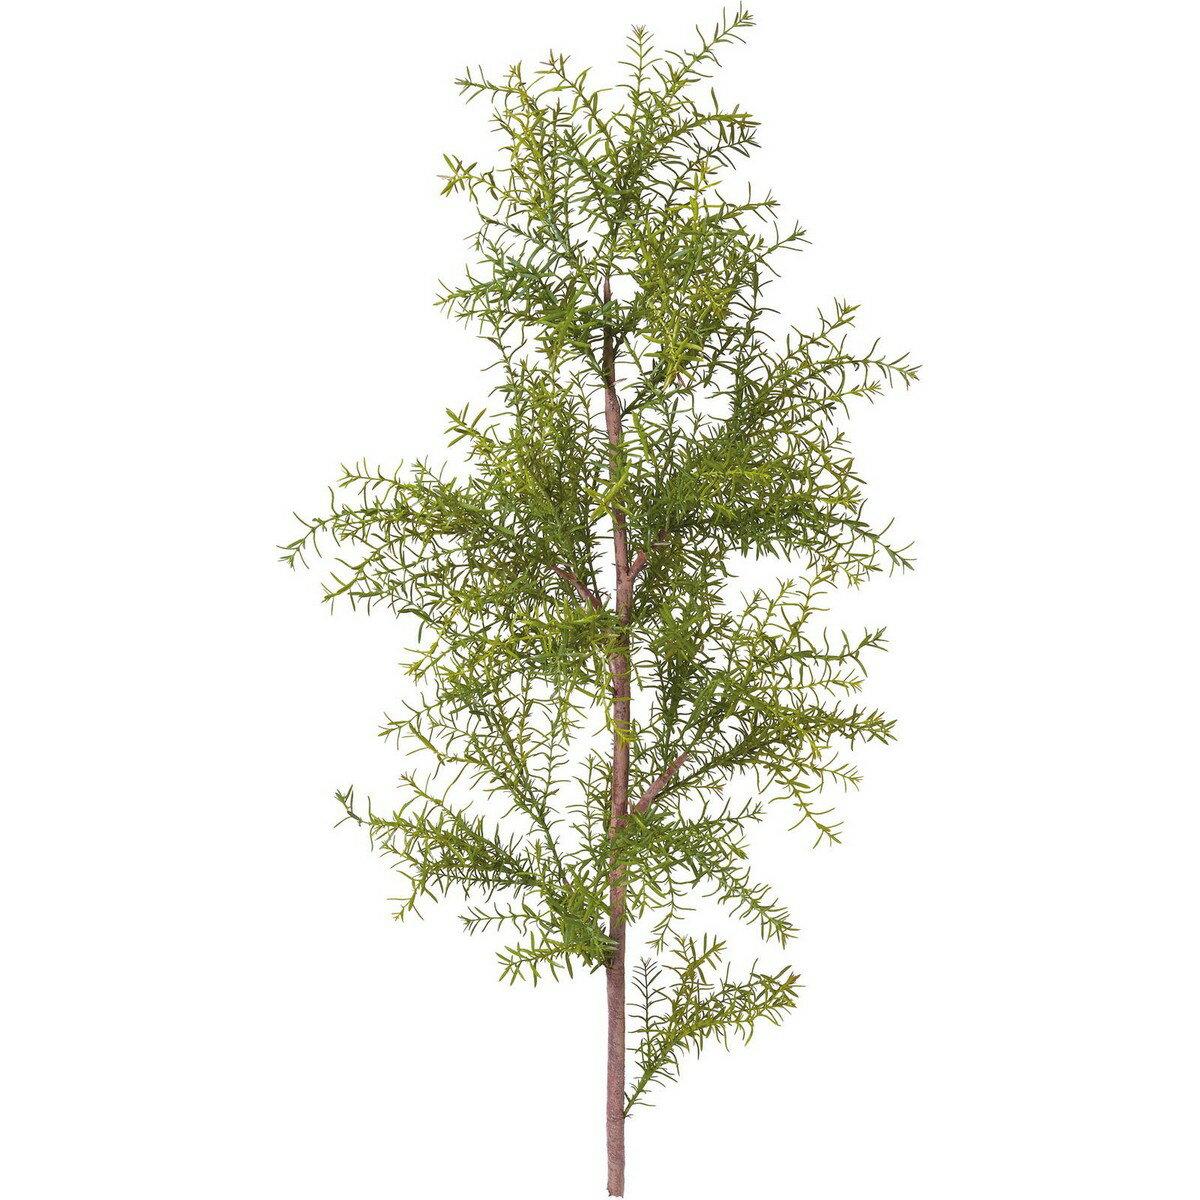 【造花】YDM/ローズマリーツリー グリーン/GL-5210-GR【01】【取寄】《 造花(アーティフィシャルフラワー) 造花枝物 その他の造花枝物 》